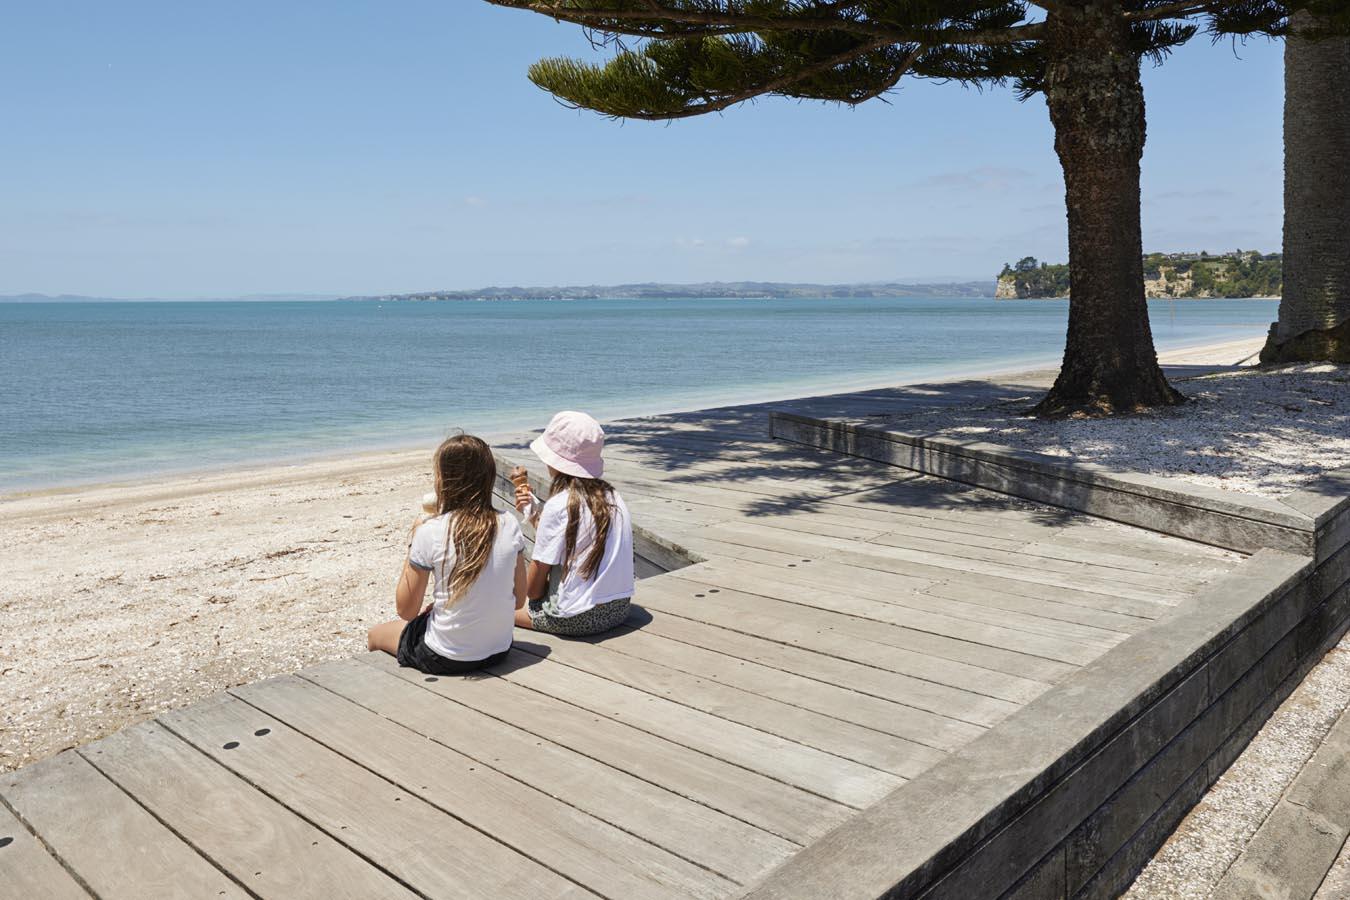 Eastern Beach Boardwalk